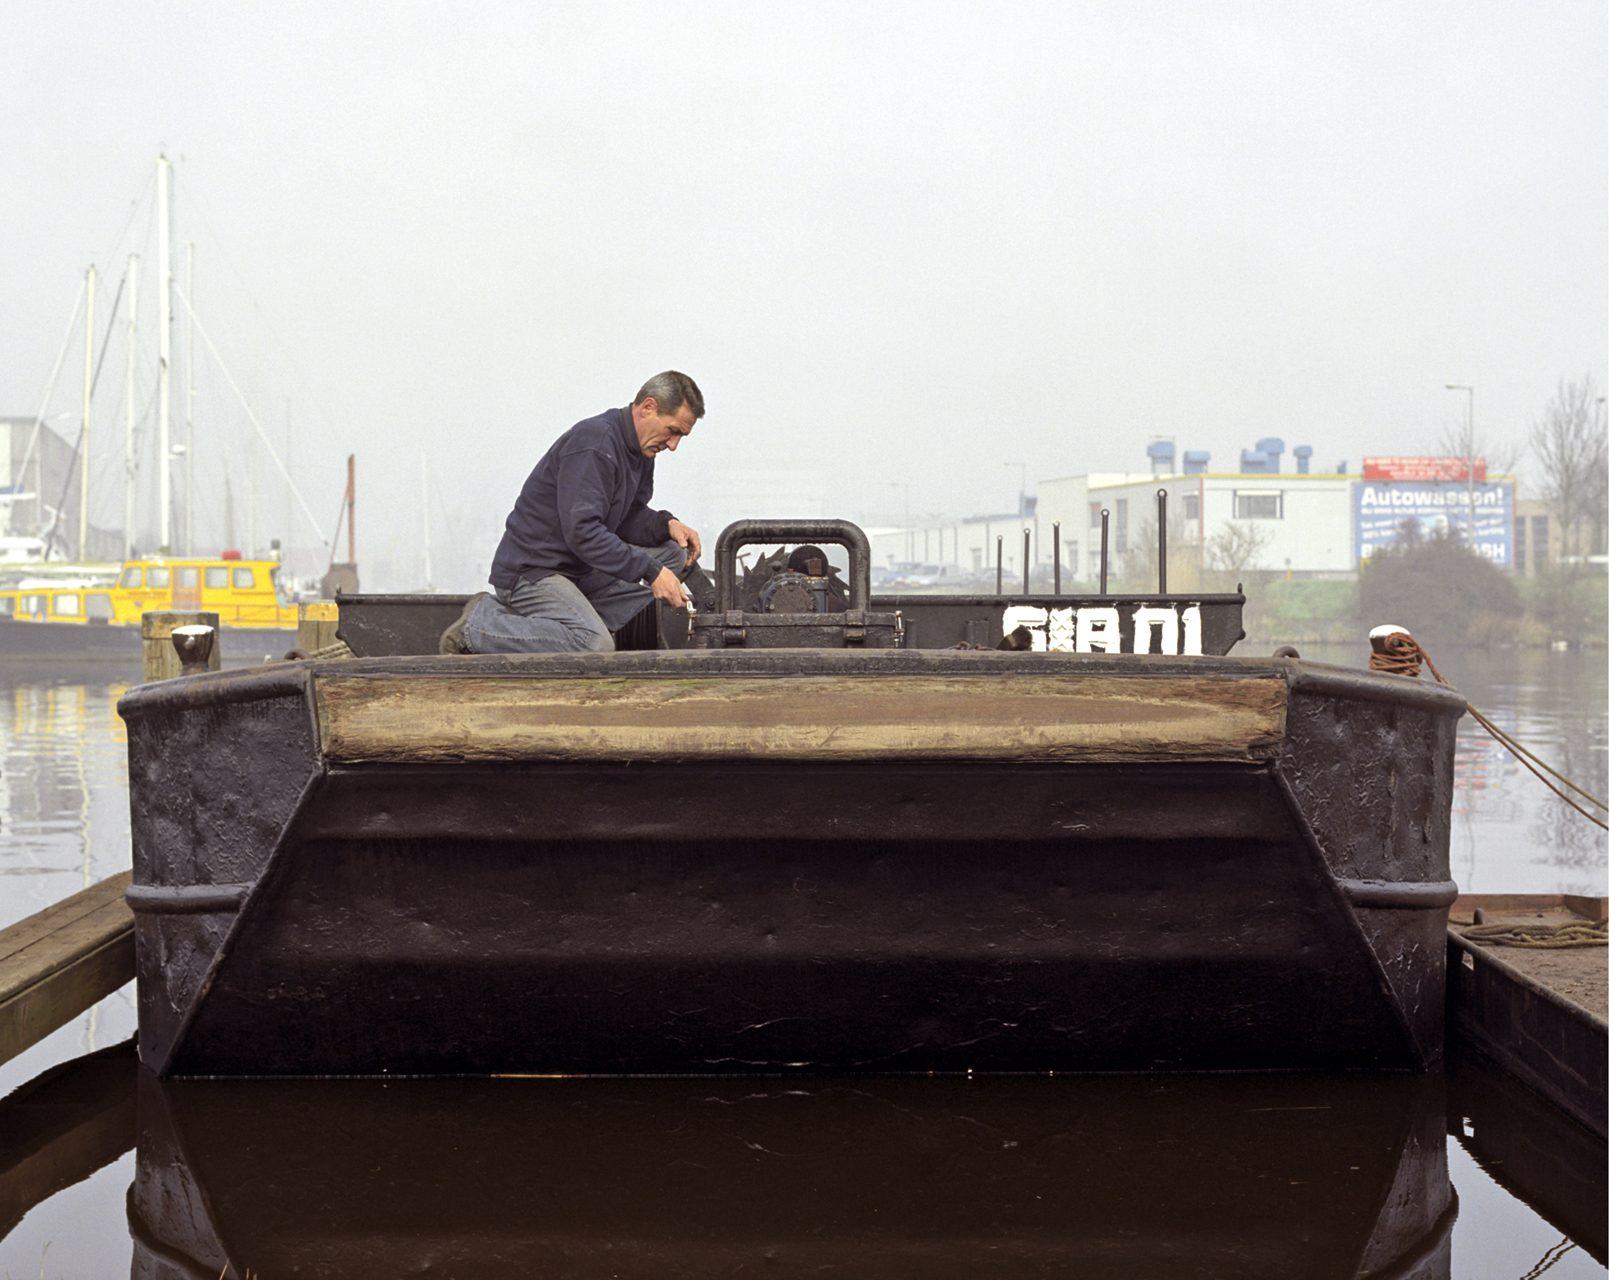 Richard Breurken, Stella Maris, Amsterdam, 2007